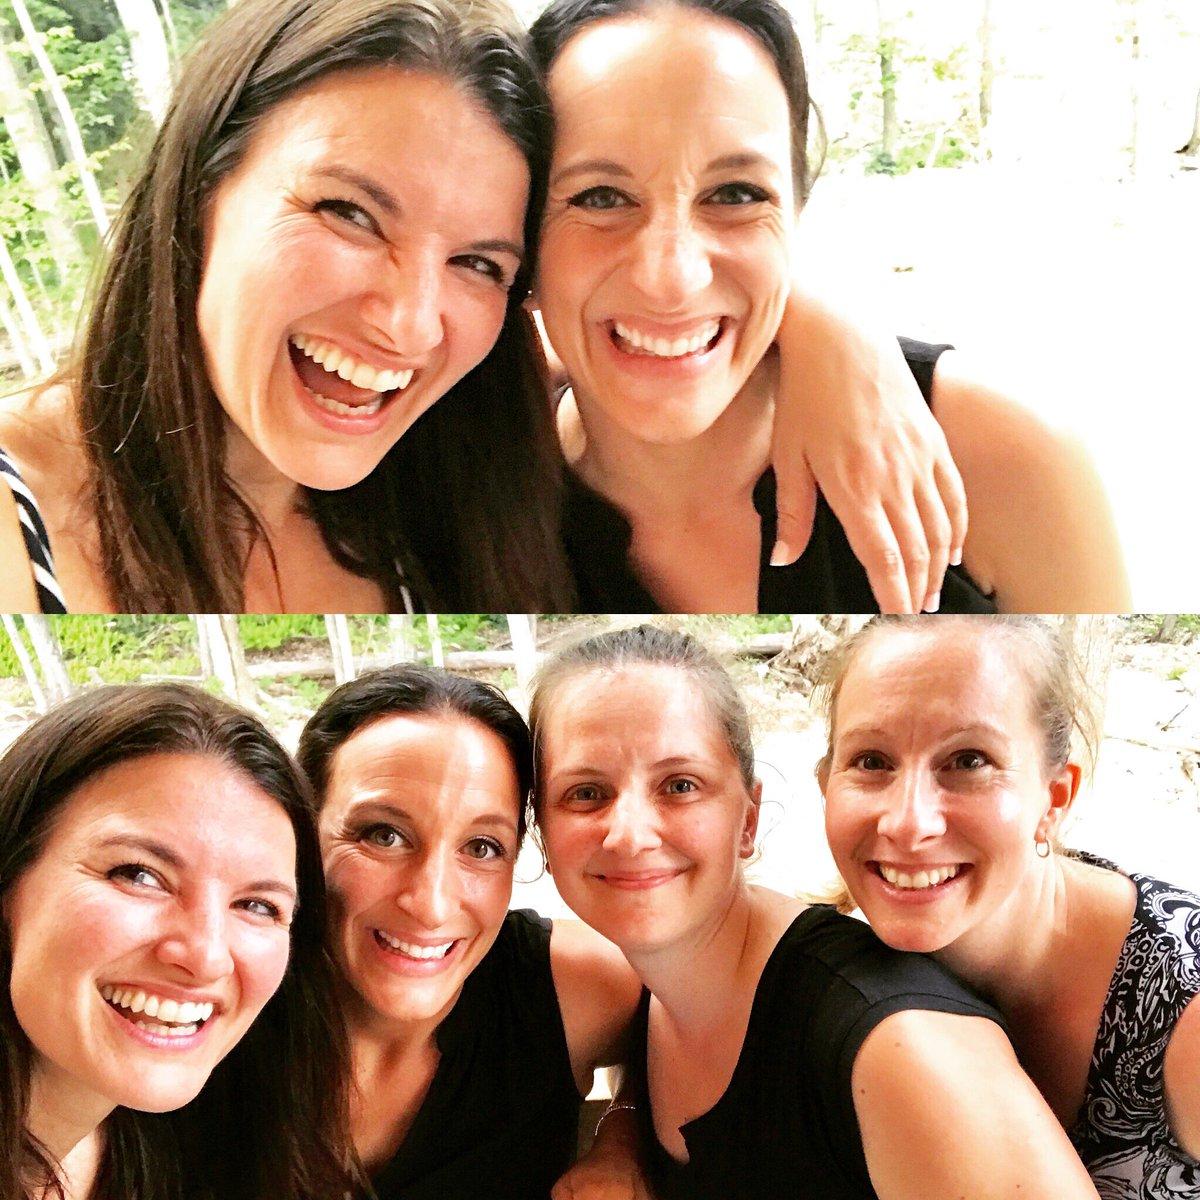 On célèbre les 39 ans de #katherinebreton Plus de 27 ans d'amitié, c'est un cadeau unique 🤗❤️🎉 love u les girls @juliegibeault